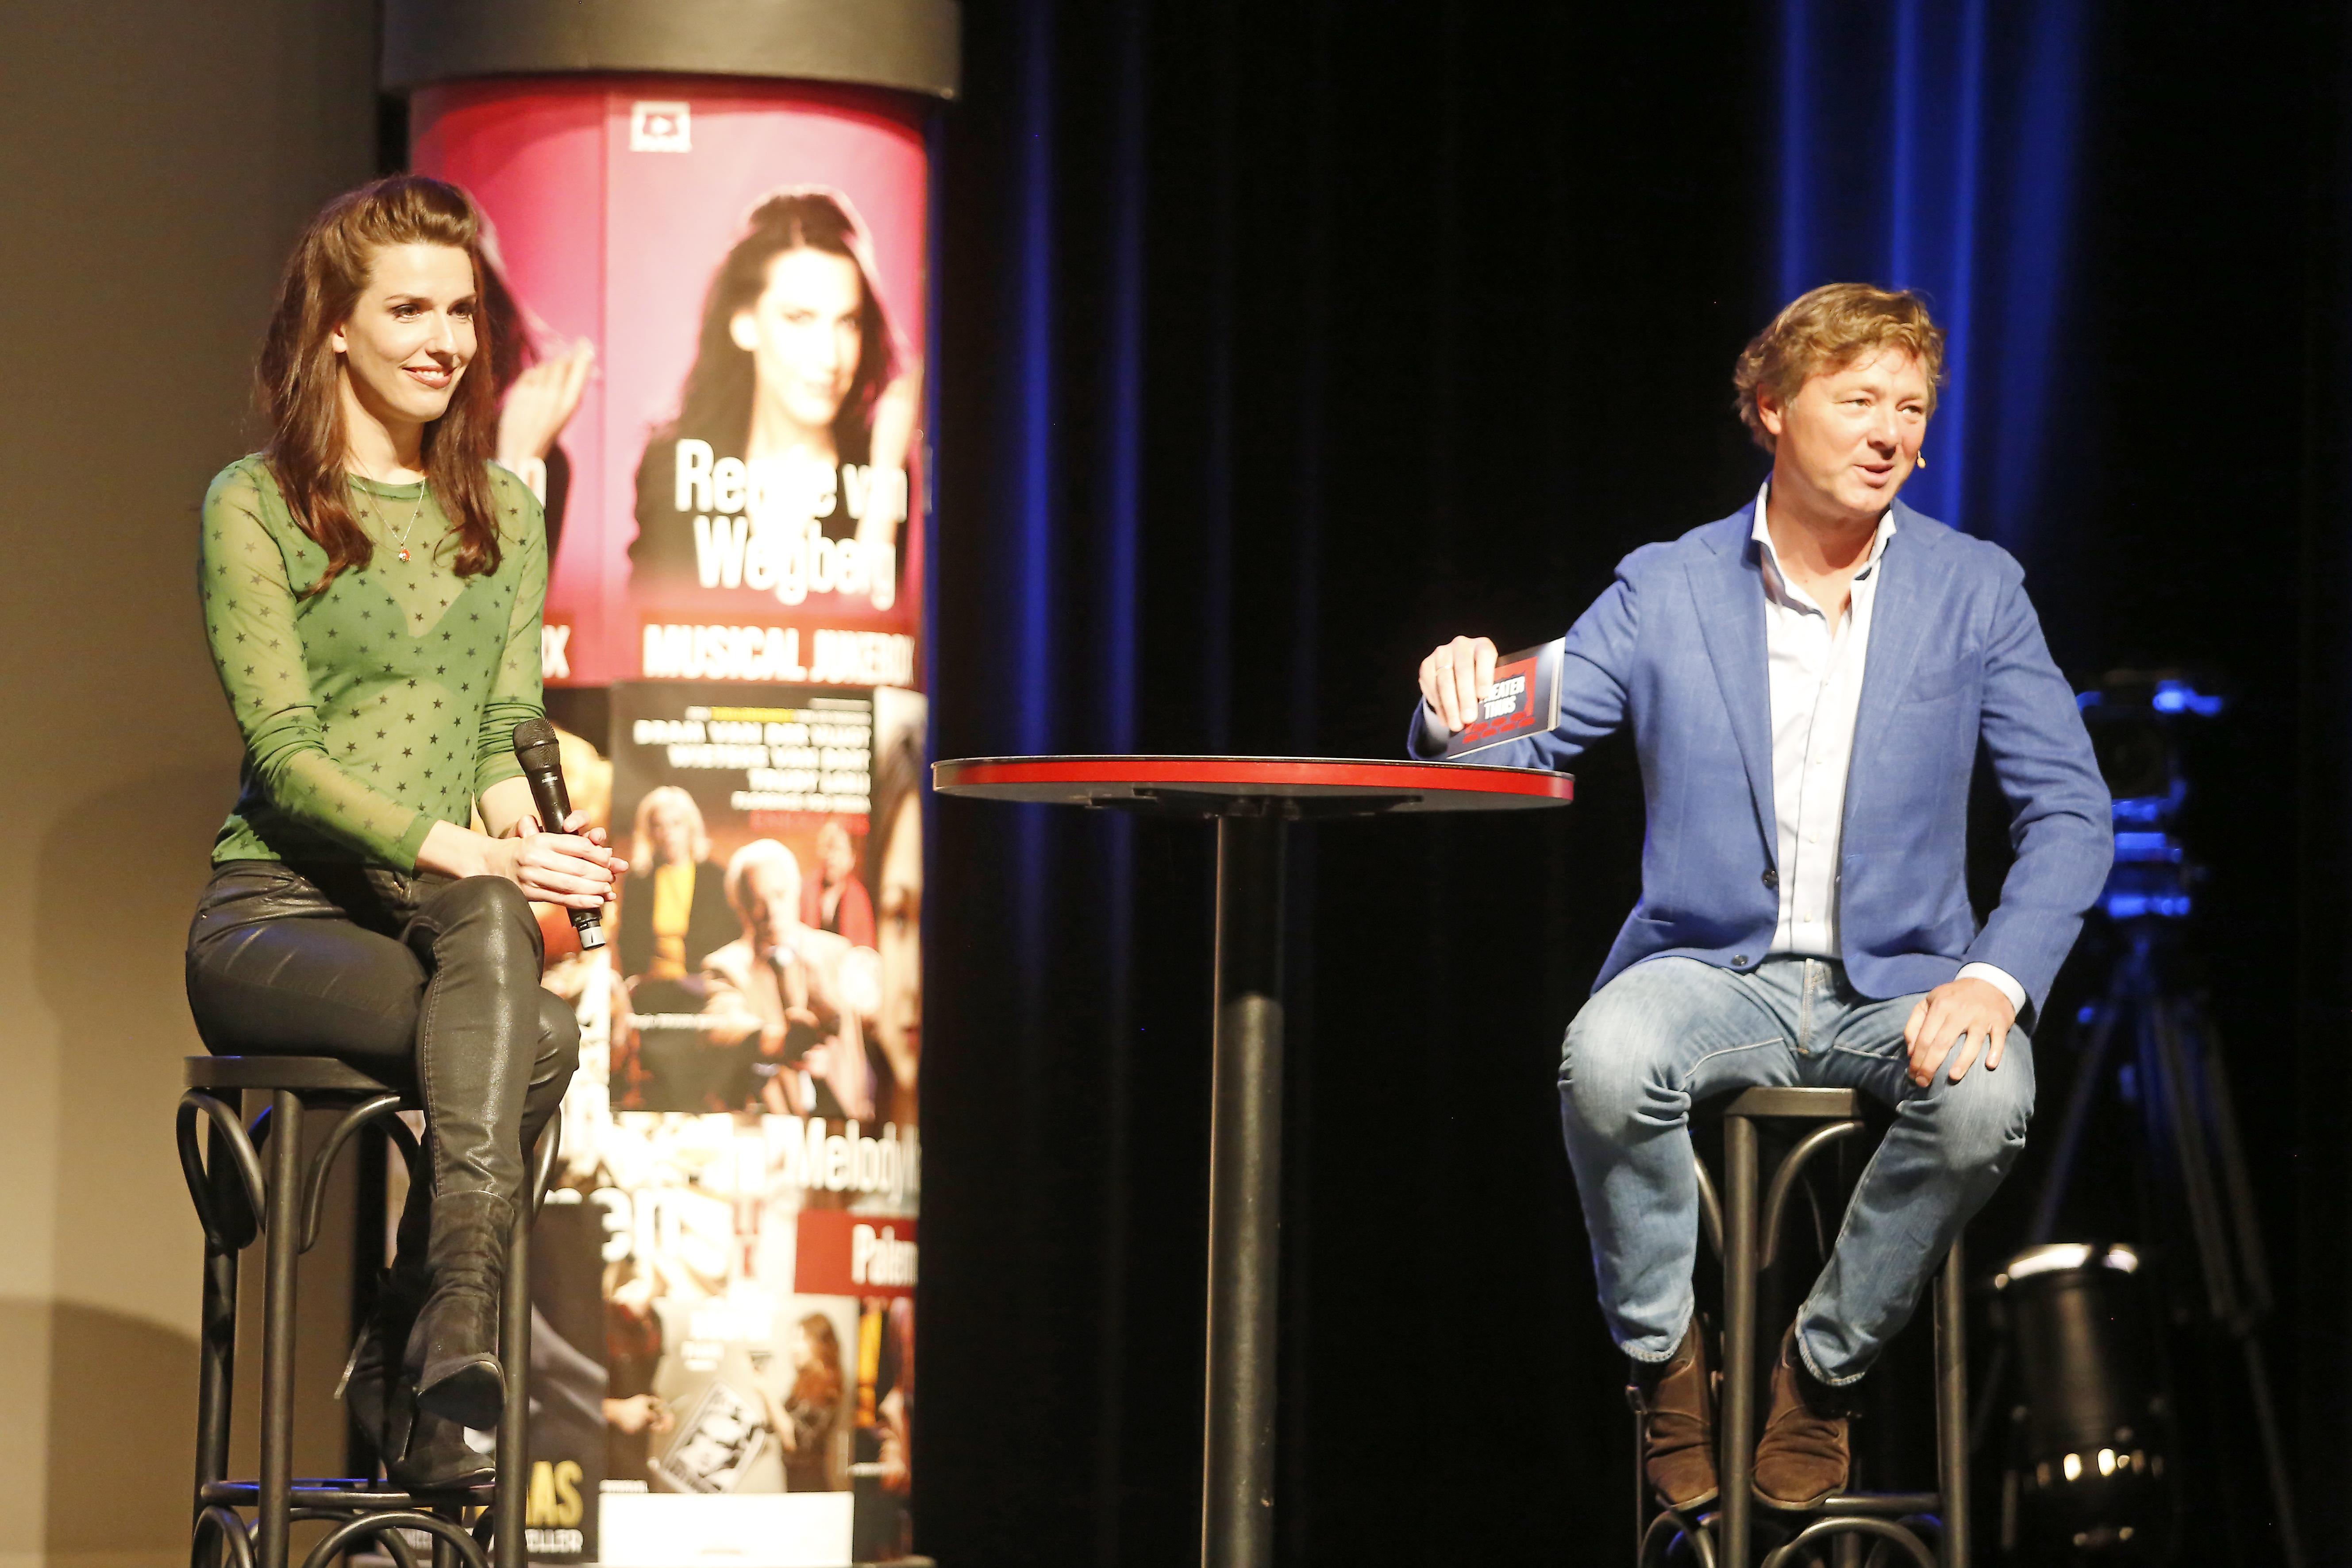 Nieuw platform TheaterThuis geeft Nederlandse artiesten een online podium. Veilig naar het theater vanaf je eigen bank